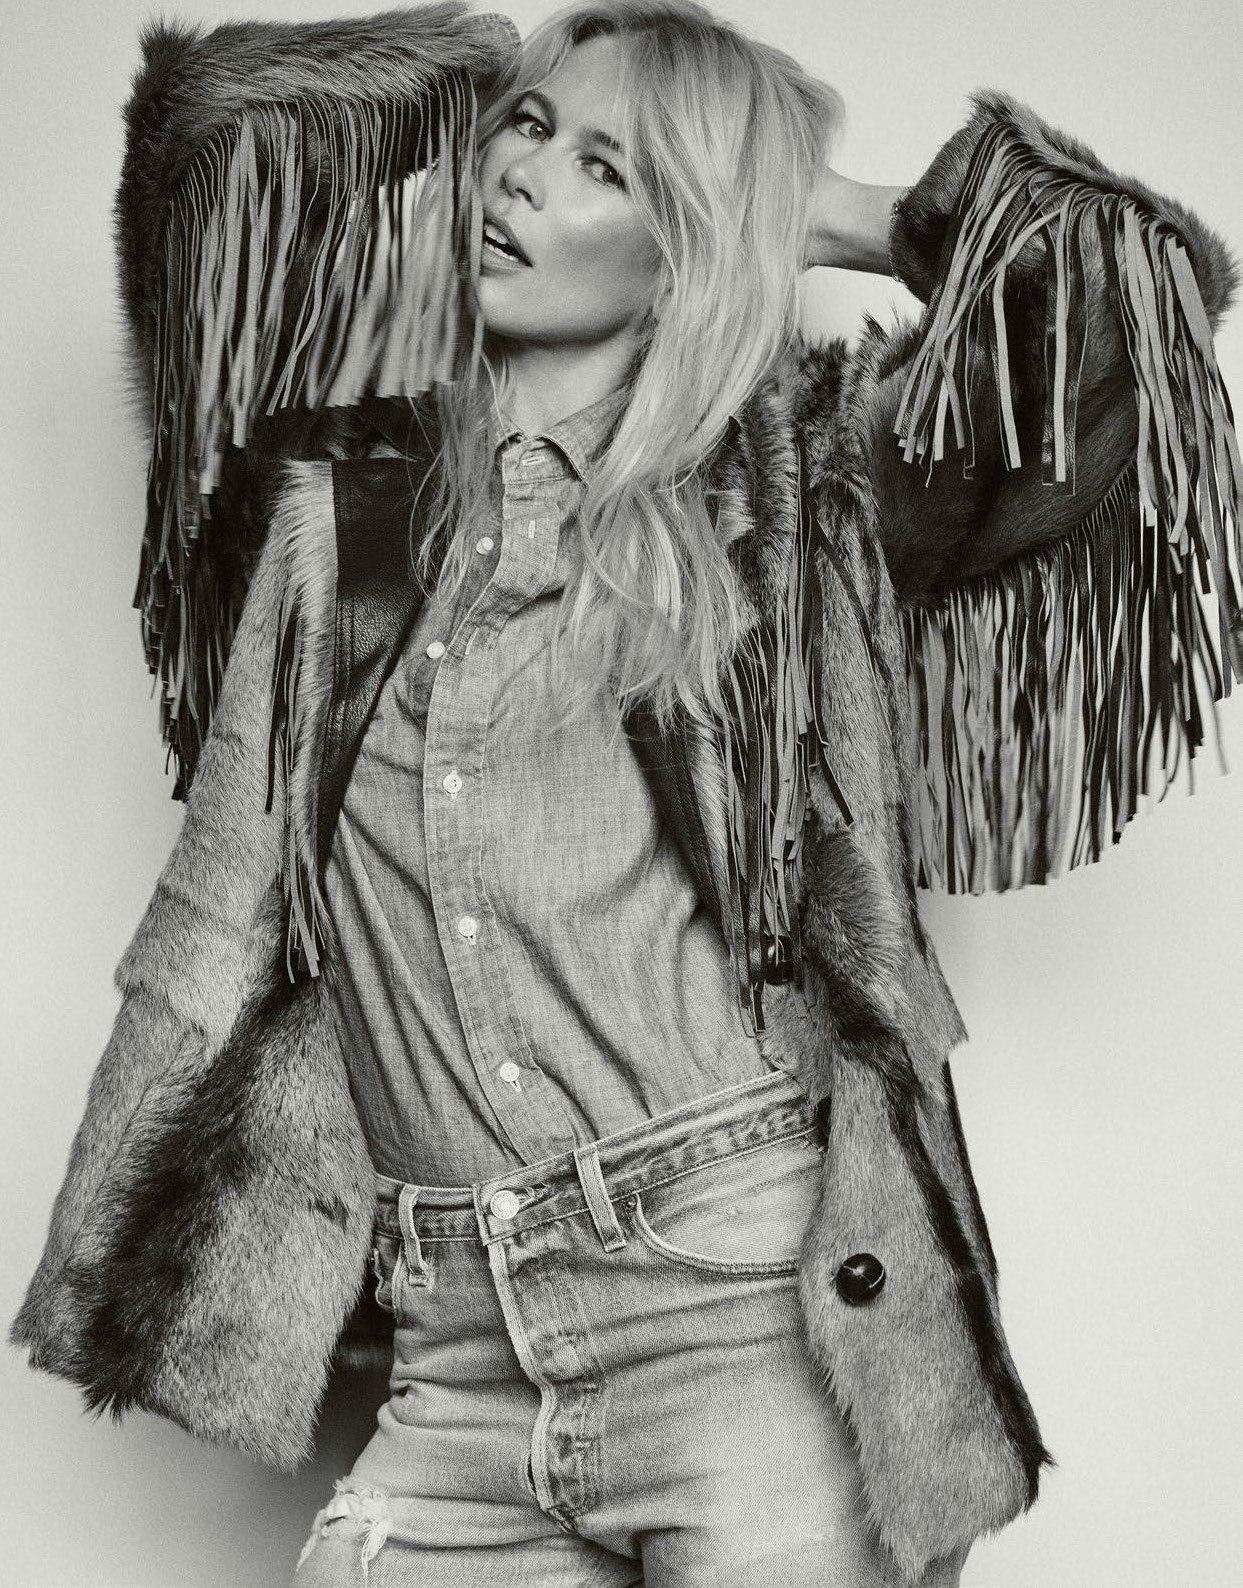 Claudia+Schiffer+for+Vogue+Paris+September+2018+(6).jpg